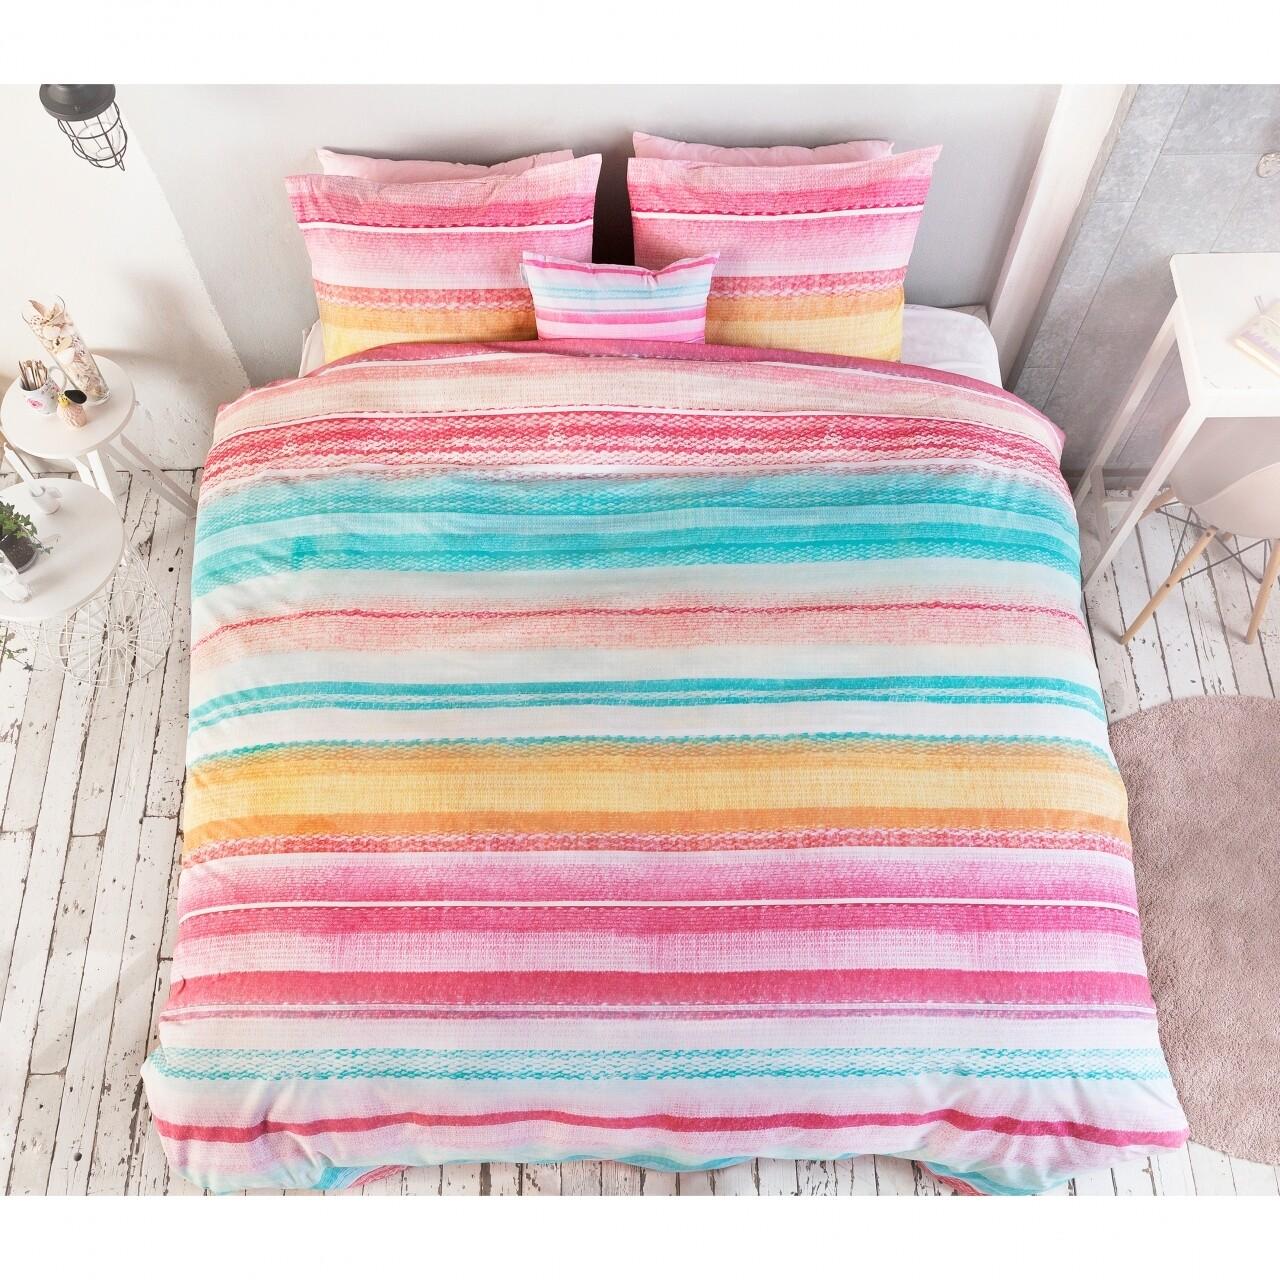 Lenjerie de pat pentru doua persoane Kimli Multi, Royal Textile, 100% bumbac